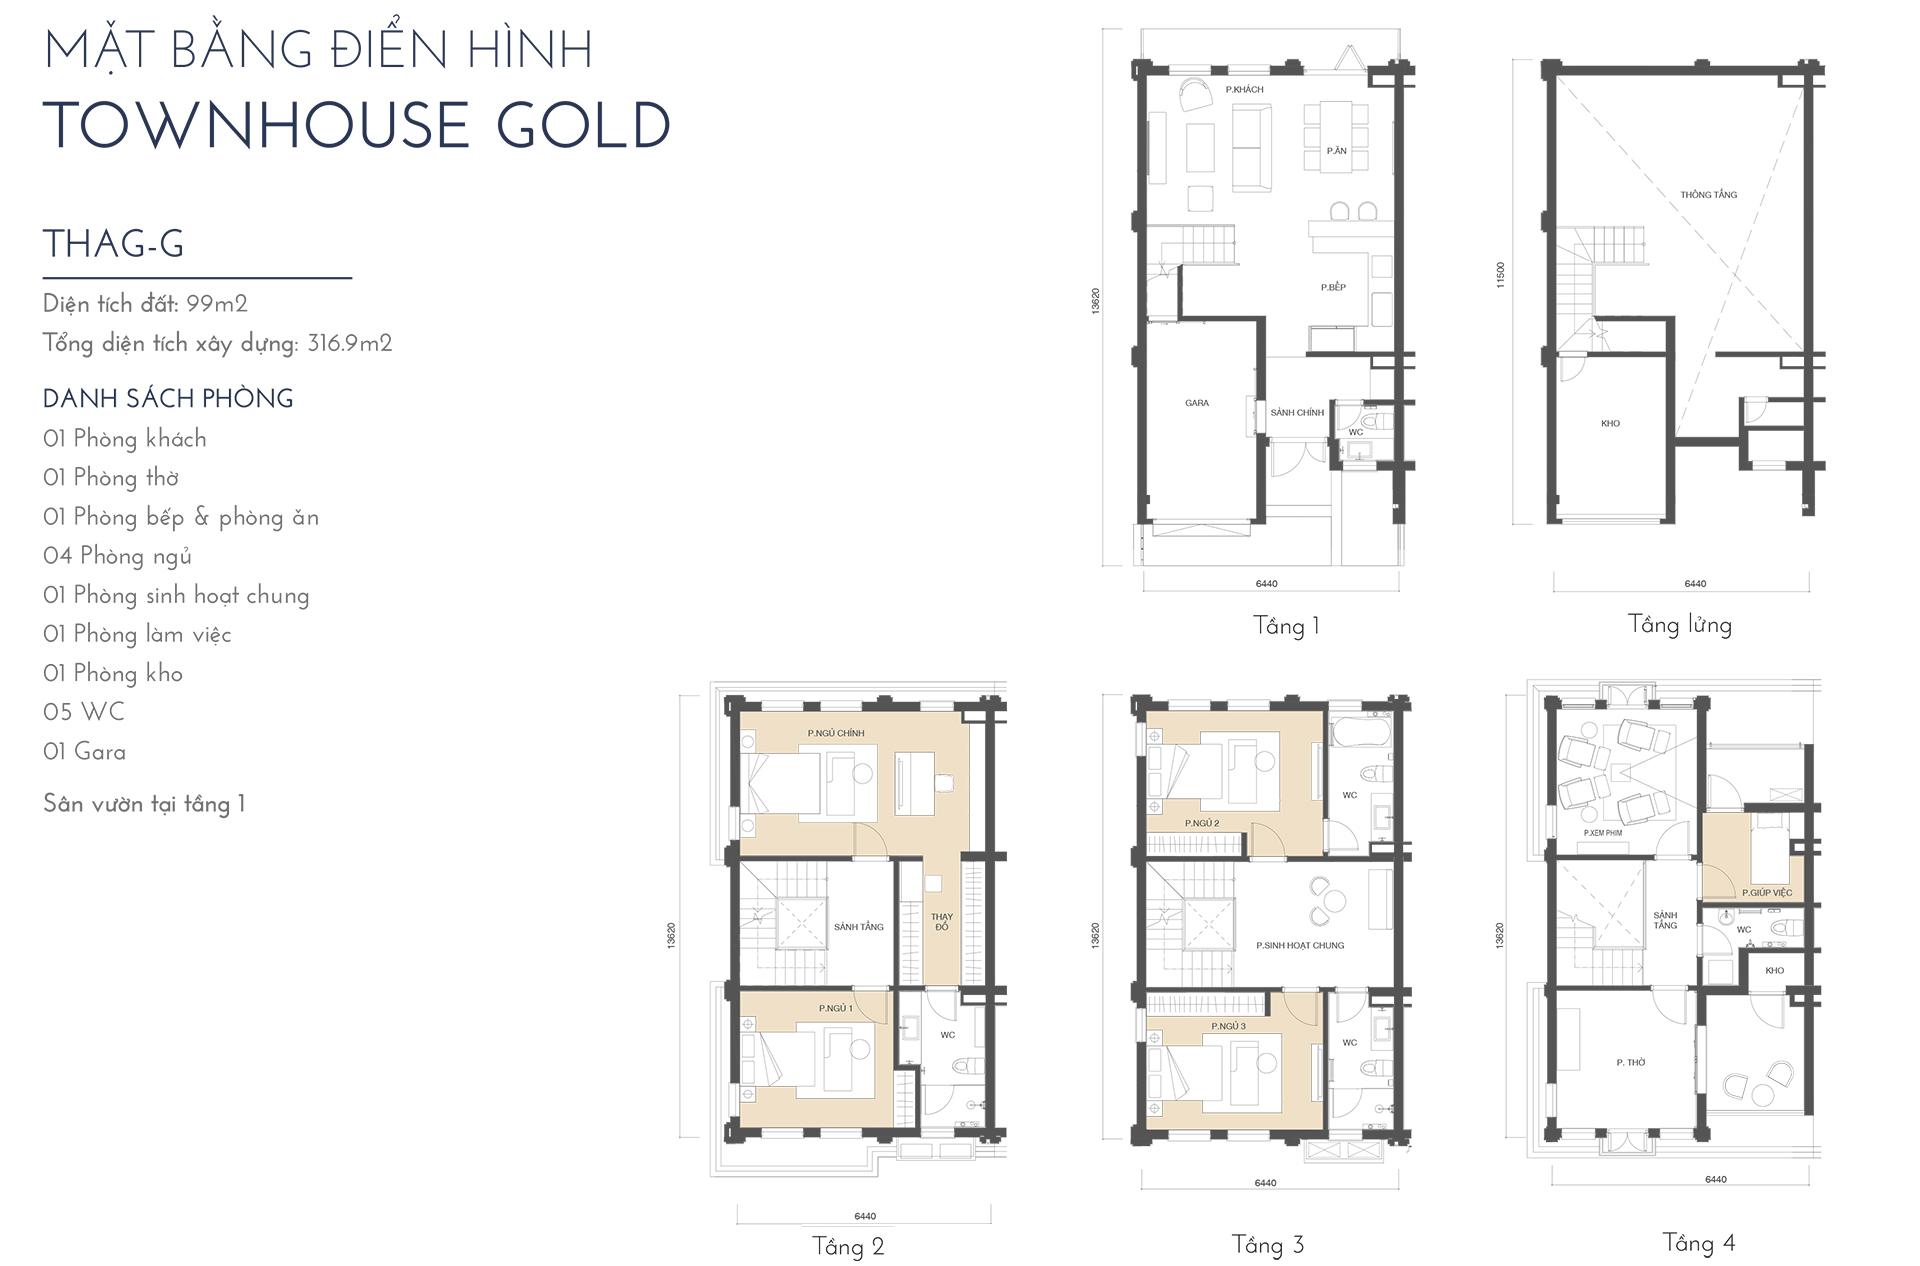 townhouse gold thag g - Trang chủ